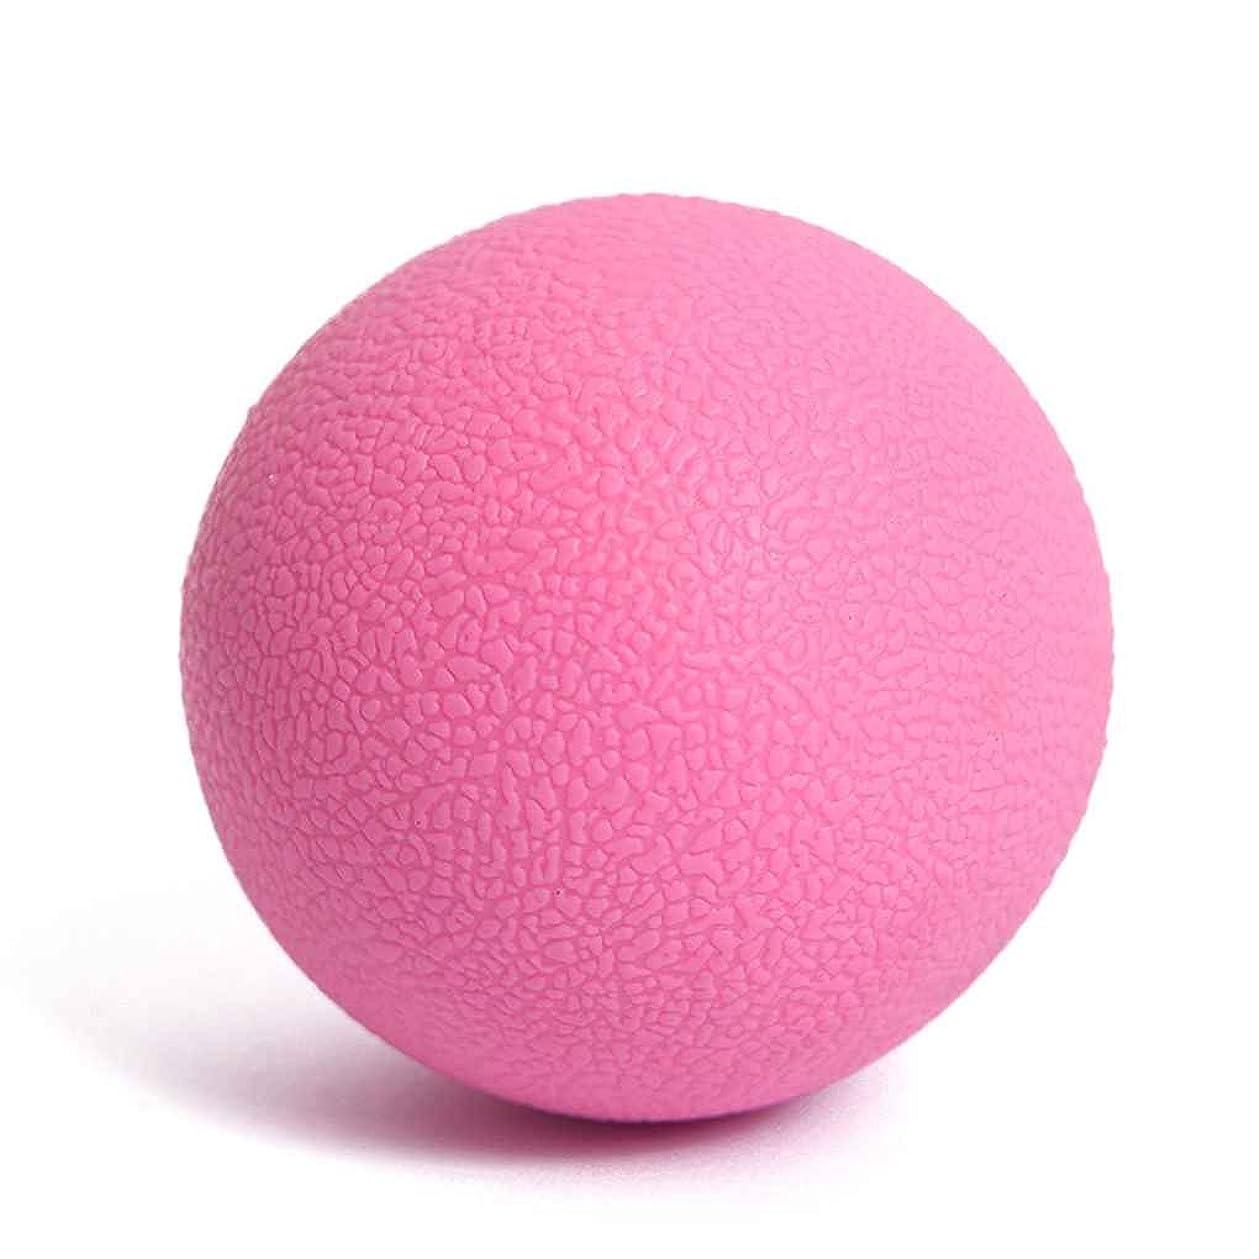 変化攻撃説明するArichtop ラクロスボールマッサージボールモビリティ筋筋膜トリガーポイントボディヨガフィットネス痛みリリース